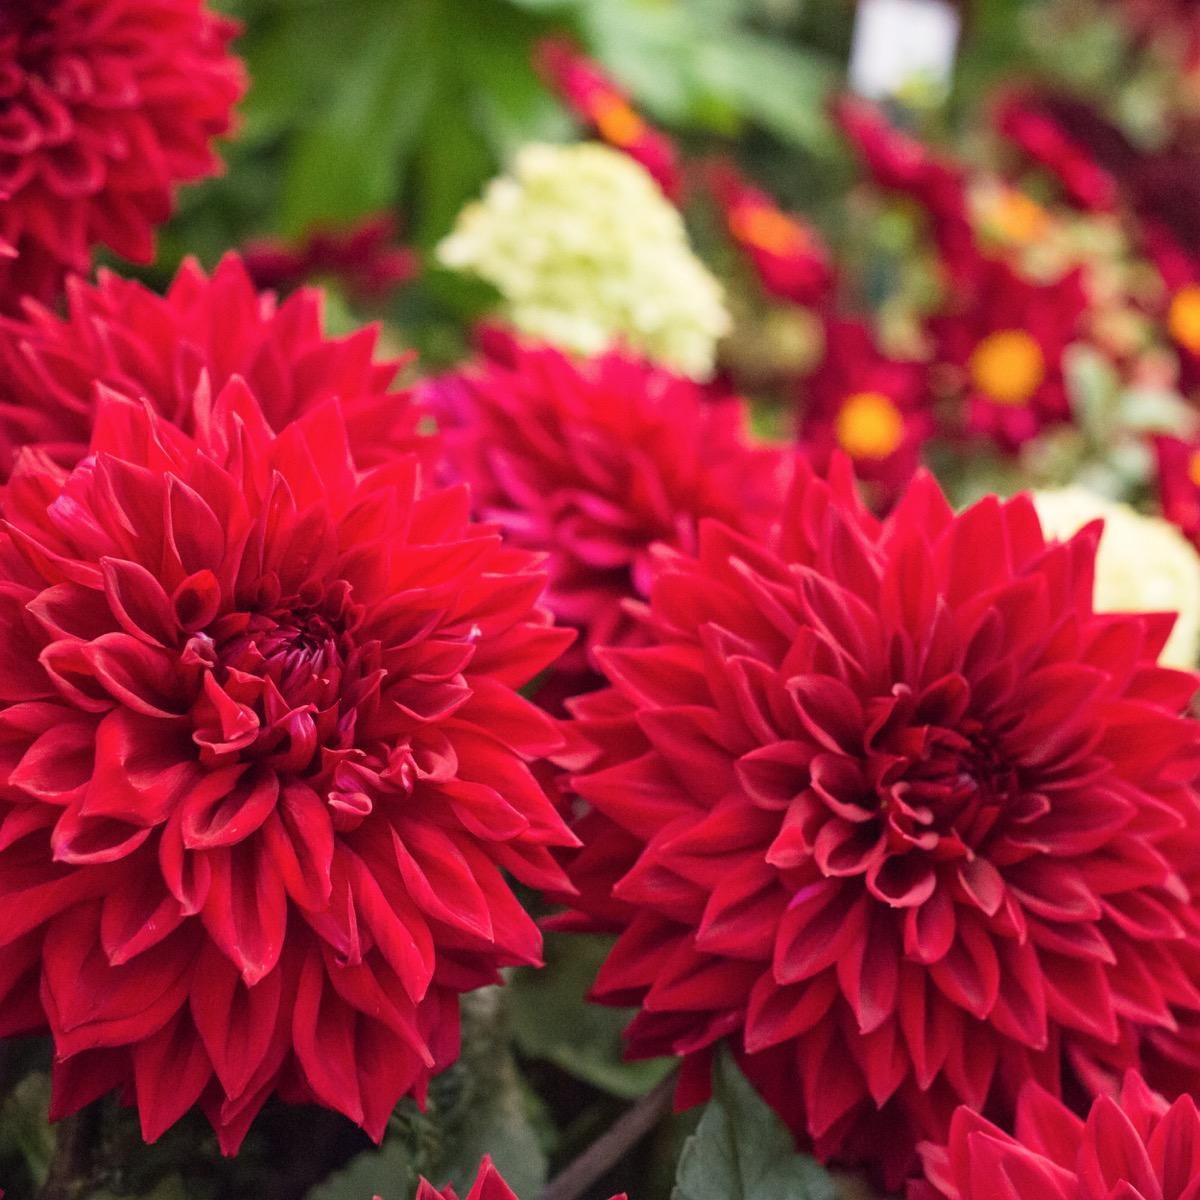 Red dahlias